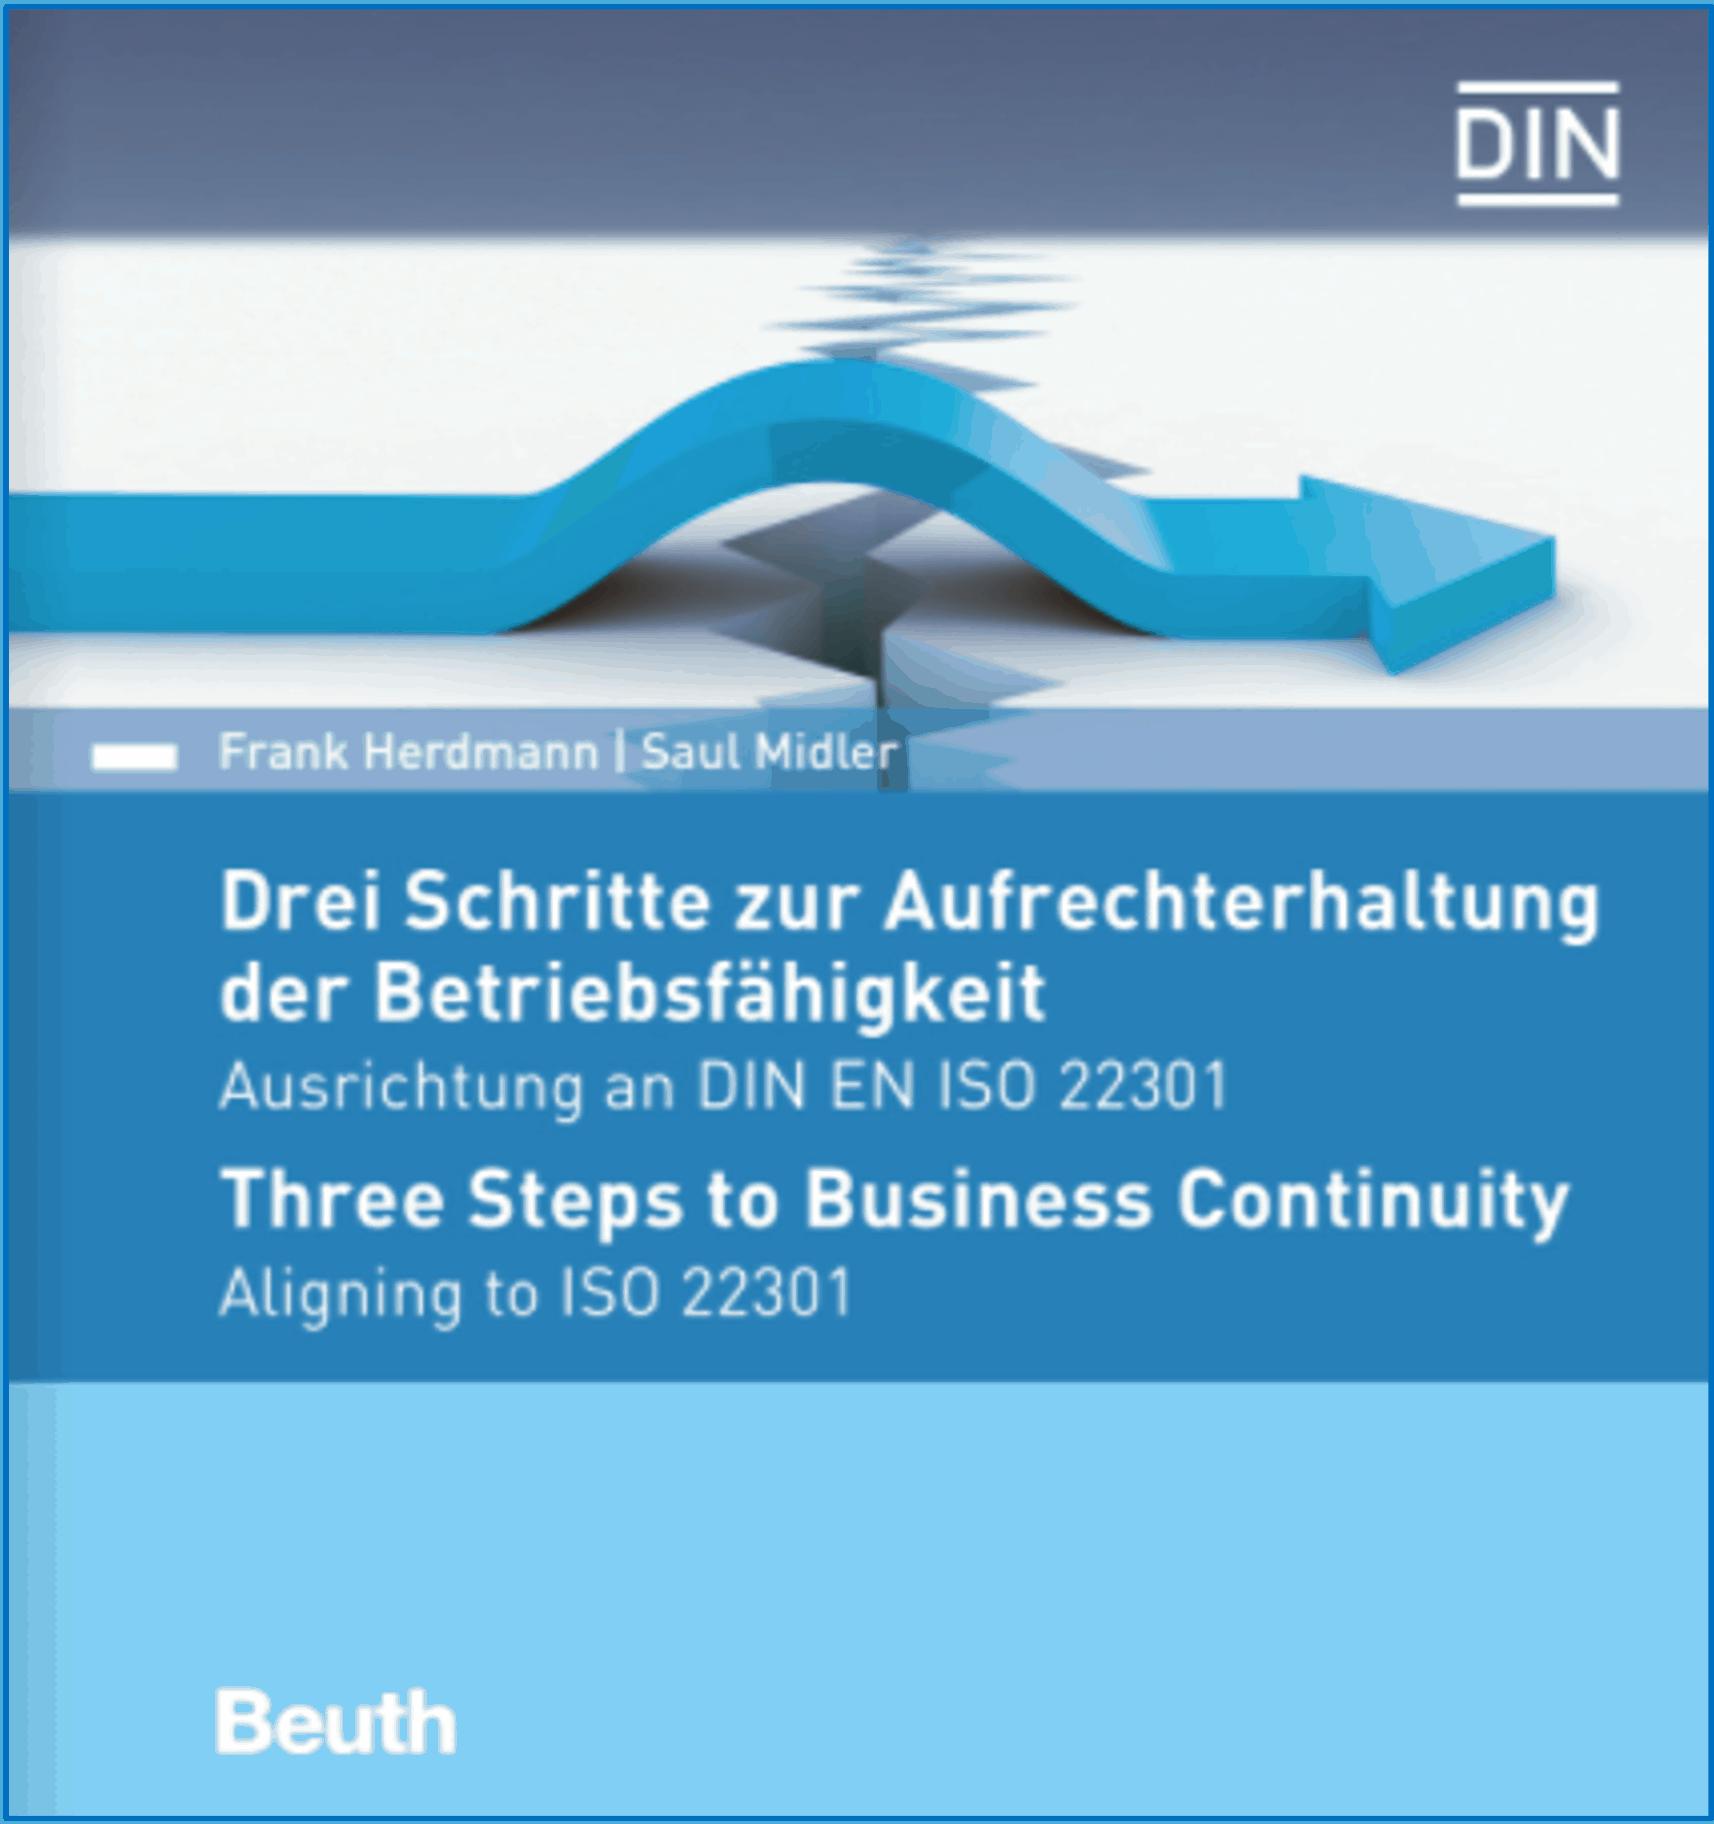 Continuidad de negocio: Three steps to Business Continuity